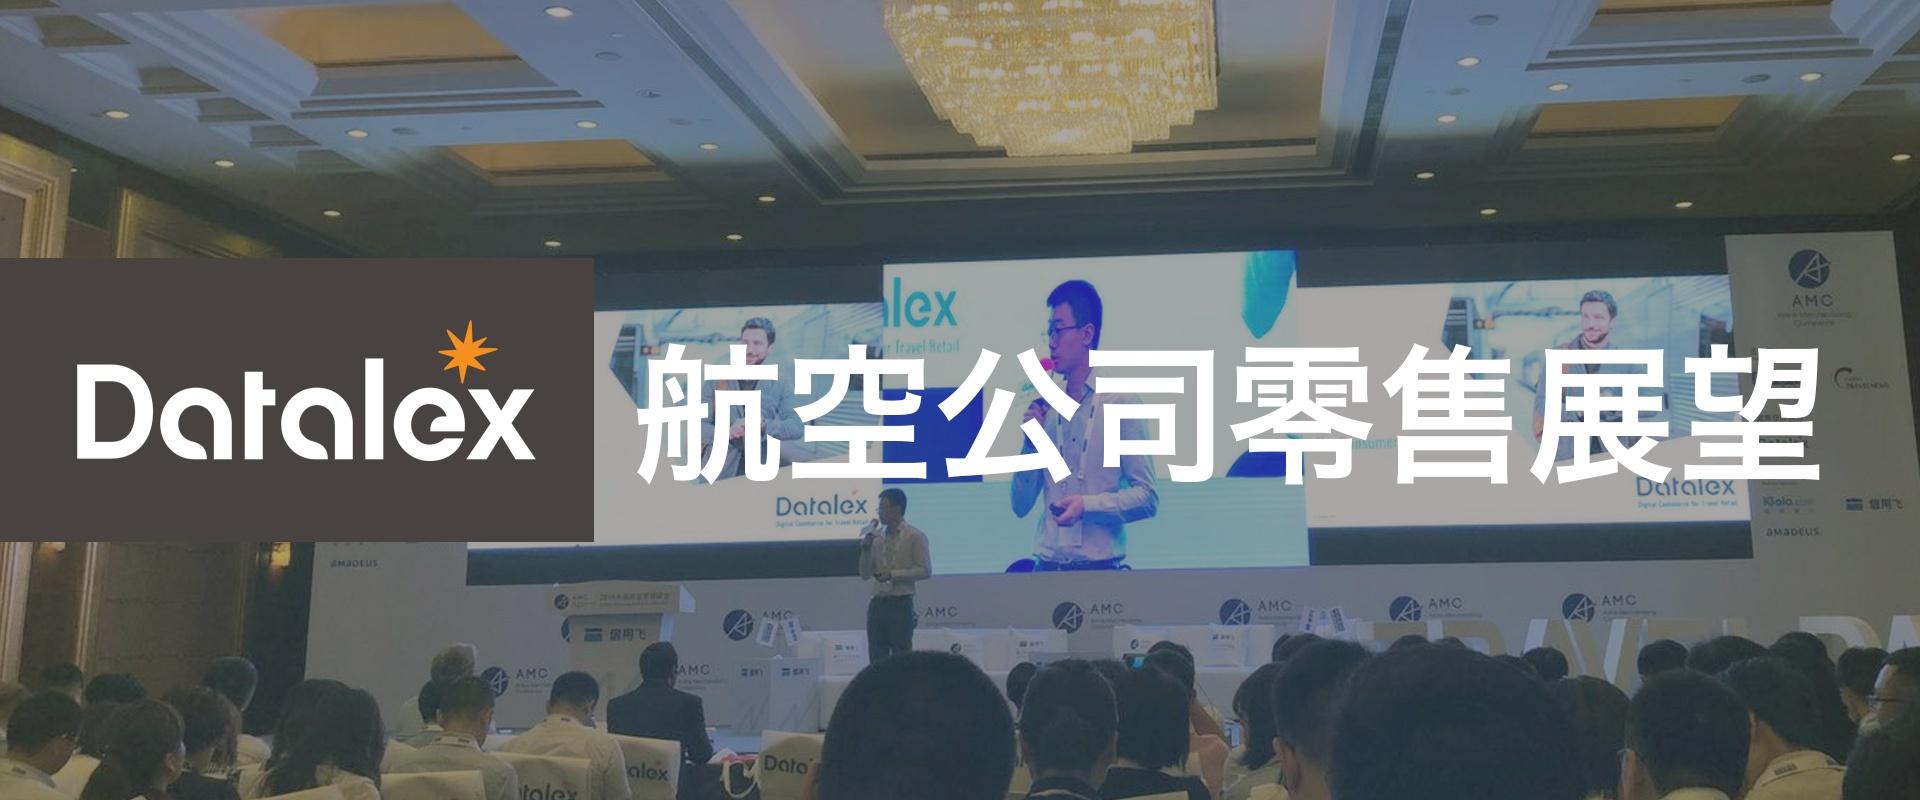 Datalex中国区总经理郭浩然